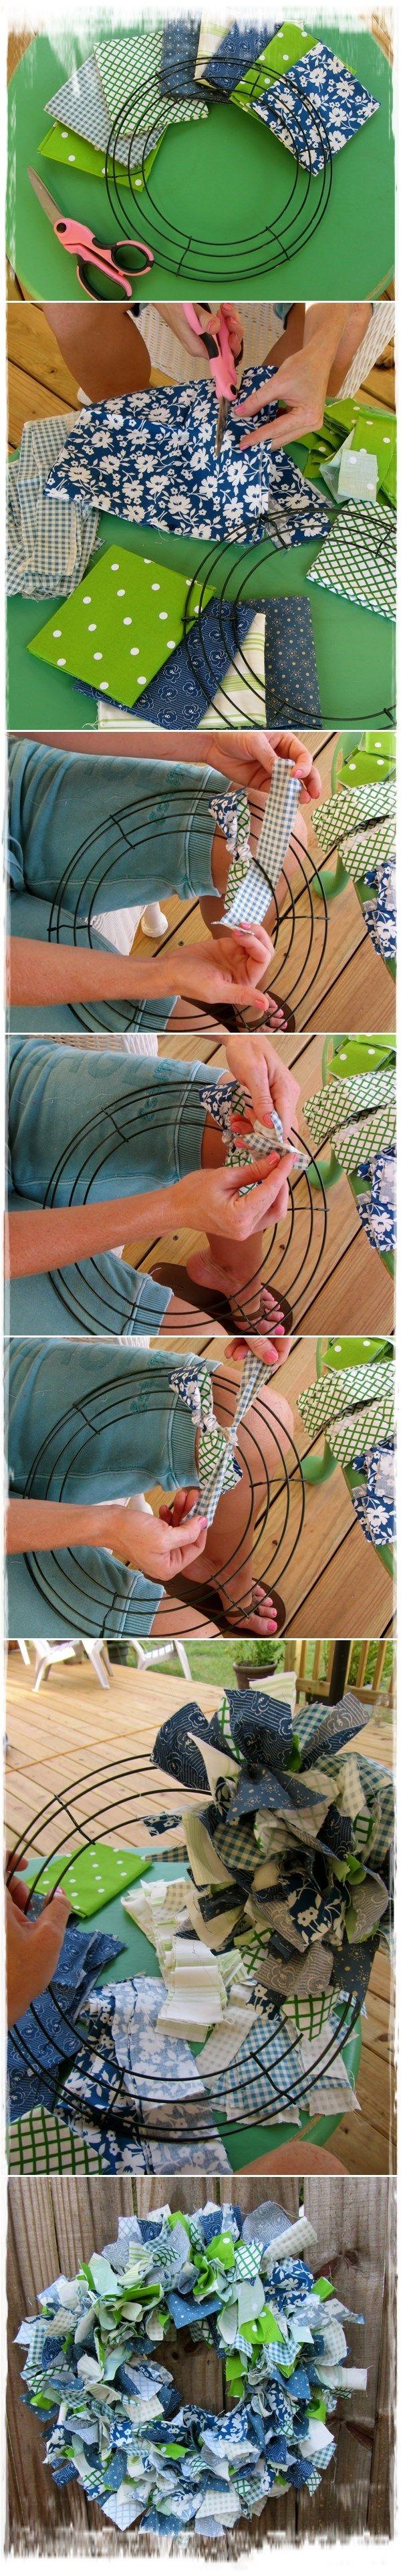 DIY-Fabric-Wreath-Tutorial.jpg (600×3854)